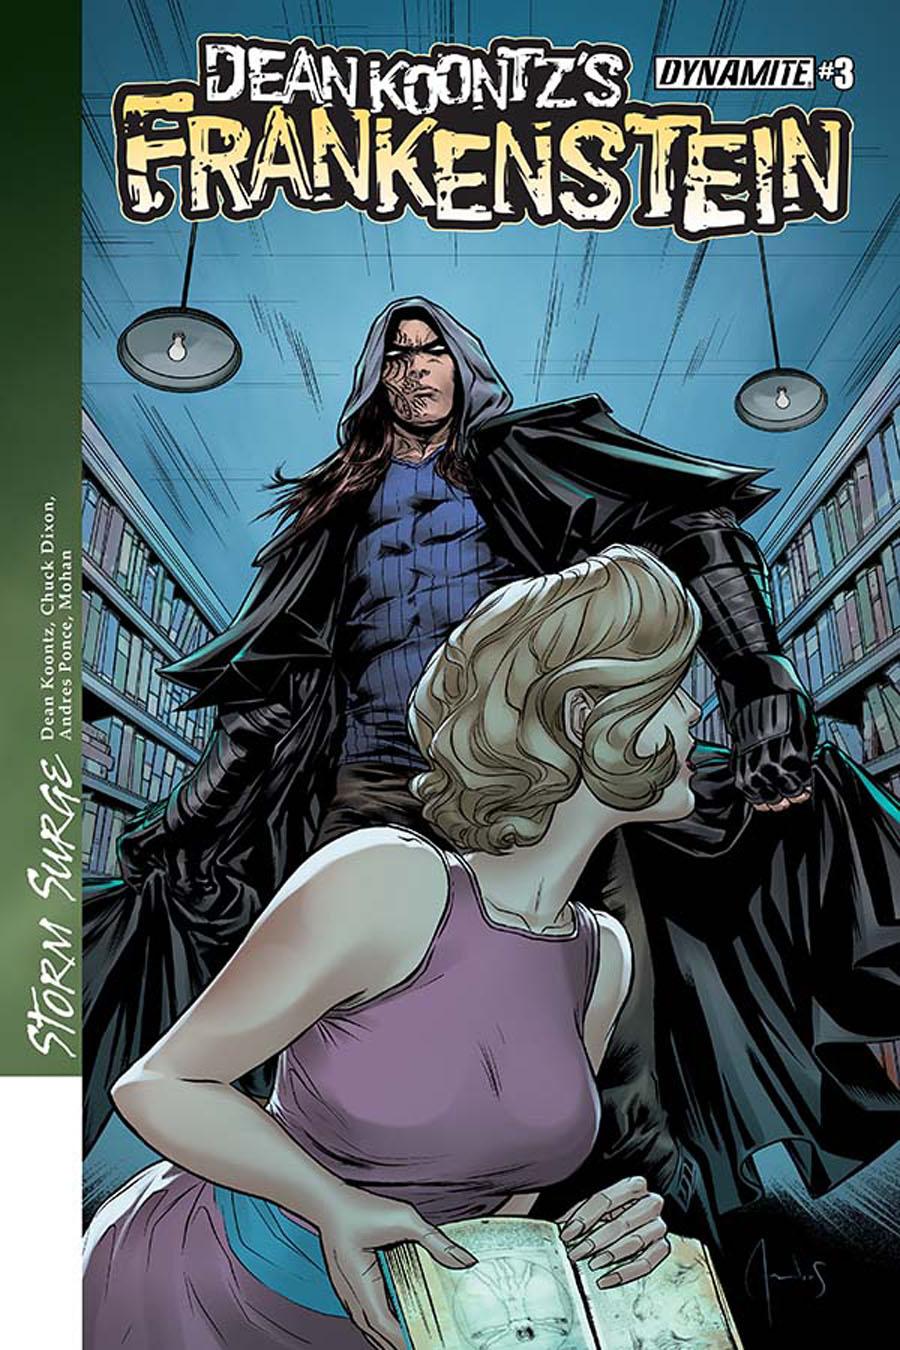 Dean Koontzs Frankenstein Storm Surge #3